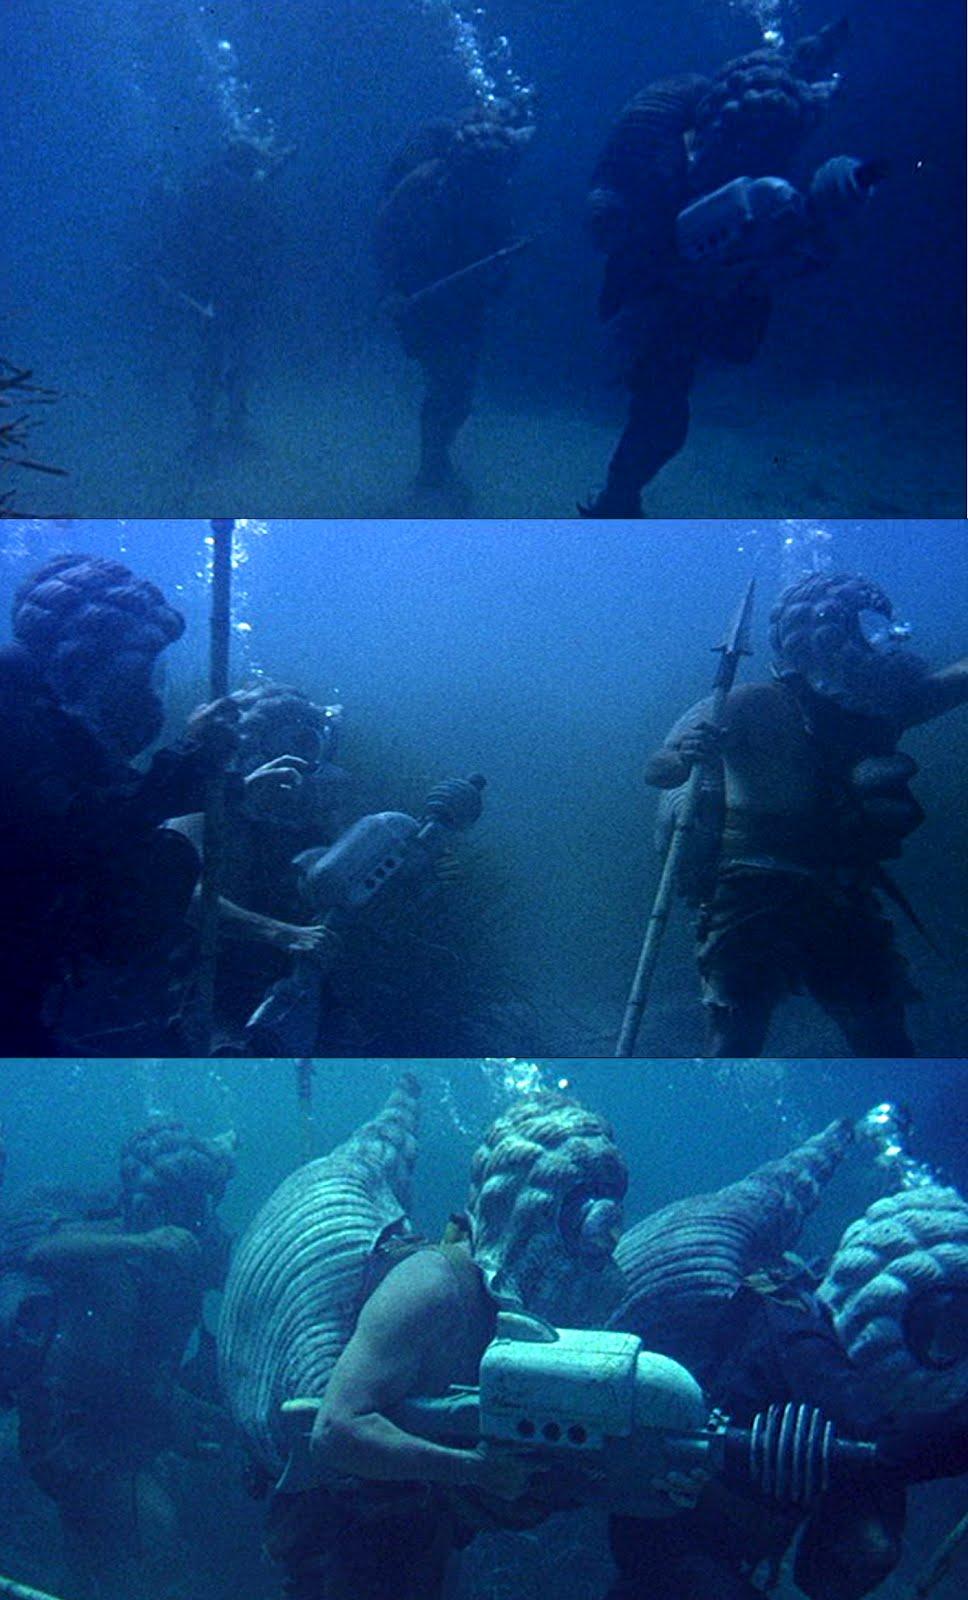 Deep throat underwater